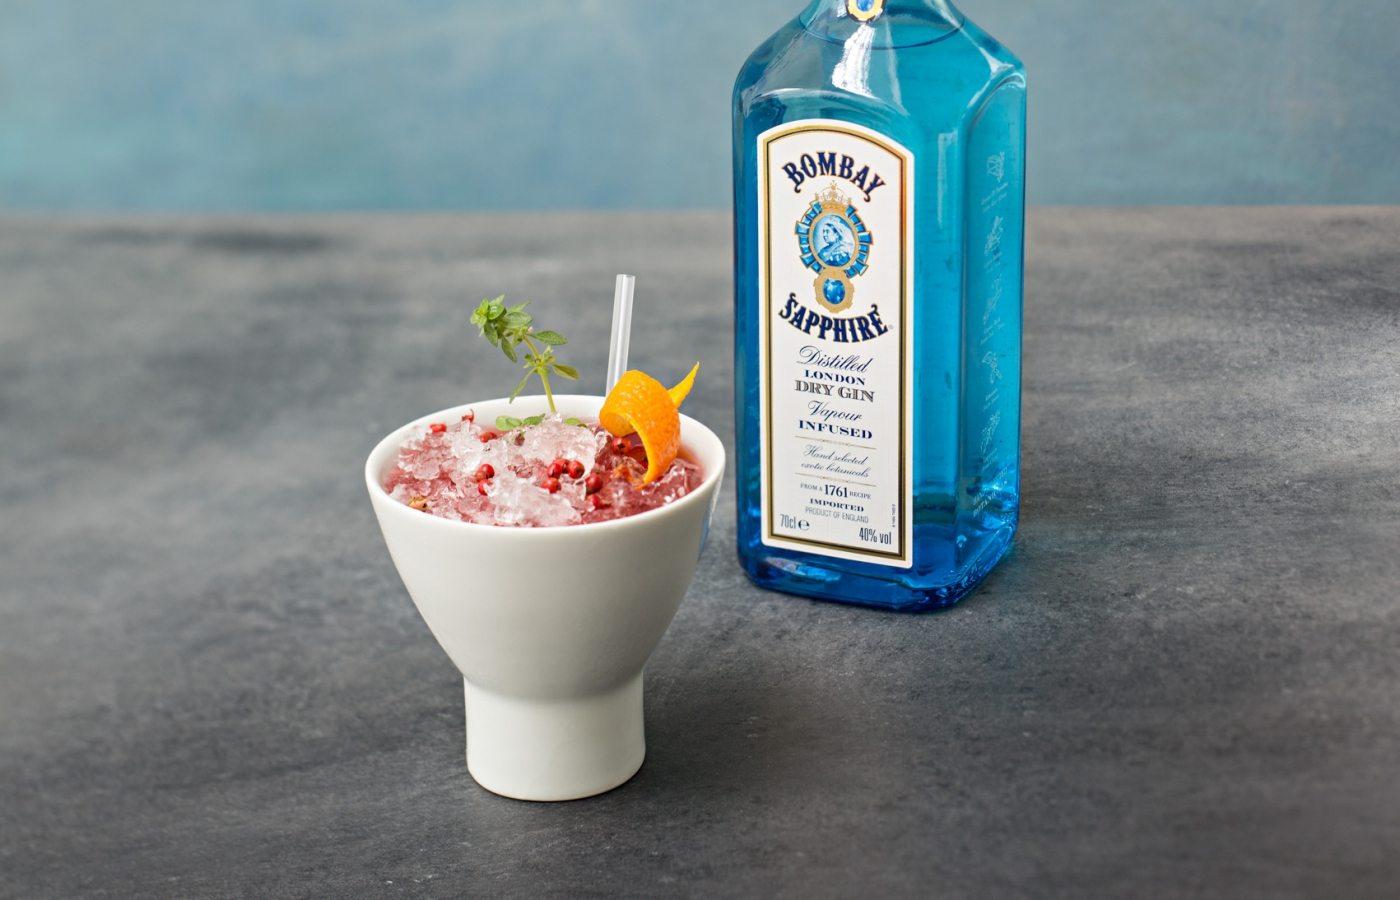 cocktail sommer shrubbler